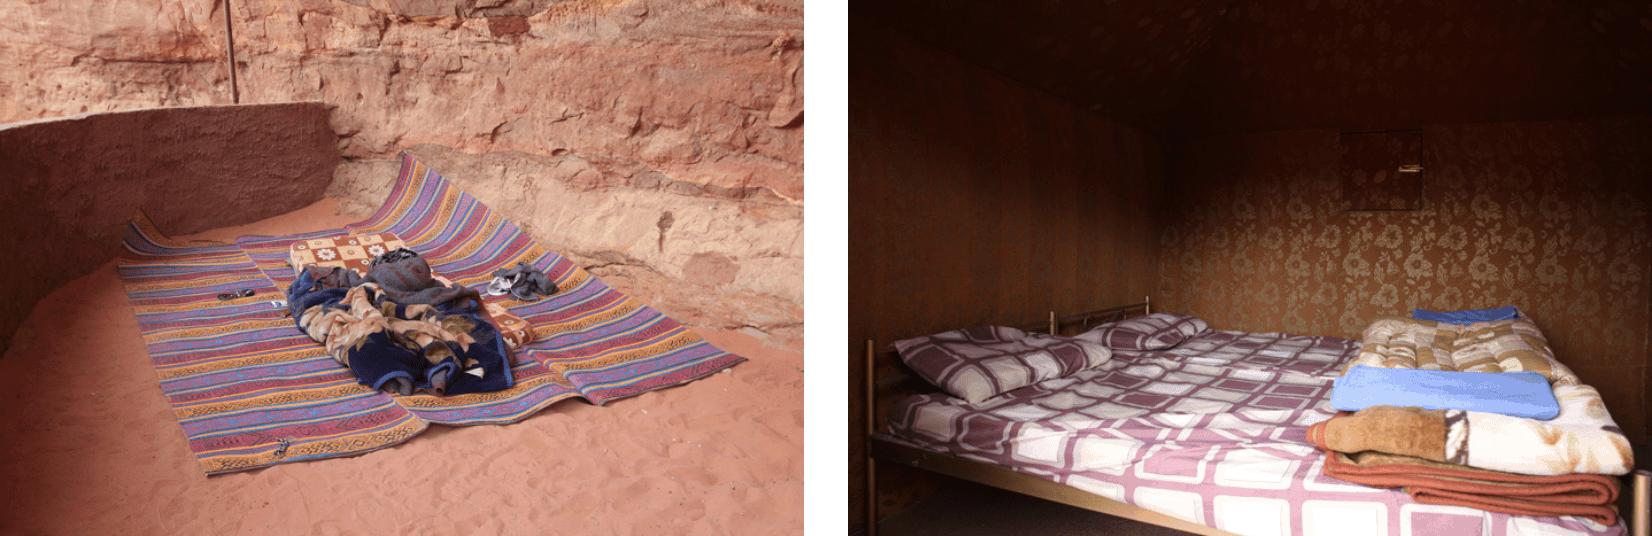 Wadi Rum Schlafen unter freiem Himmel